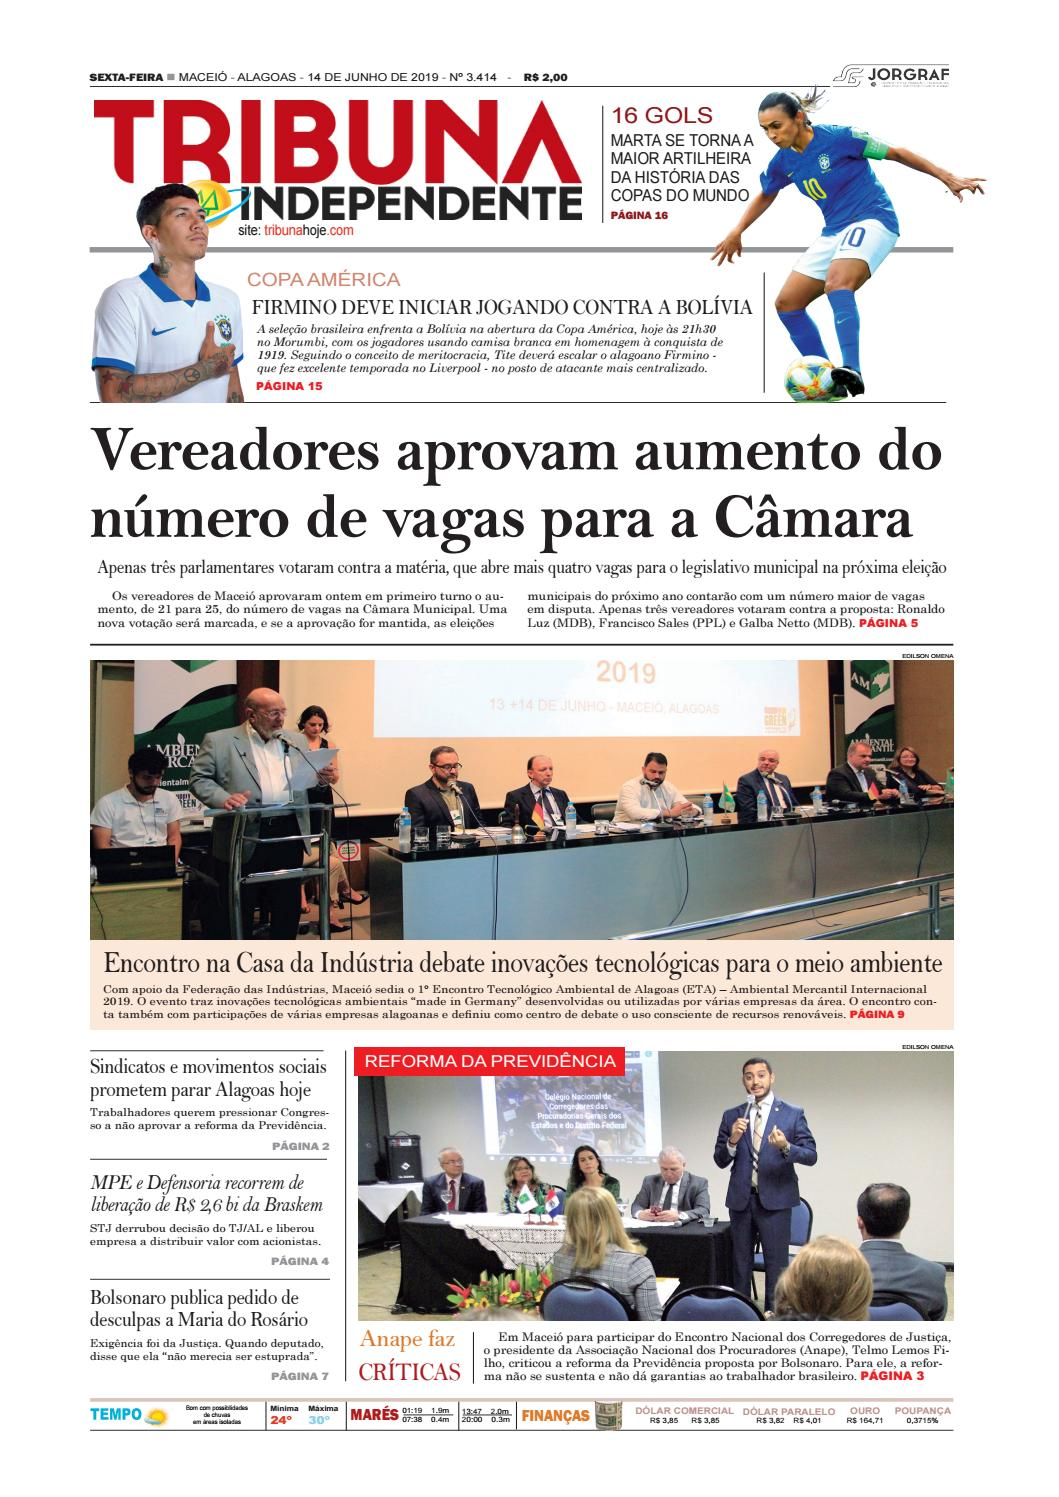 3e0d3d315 Edição número 3414 - 14 de junho de 2019 by Tribuna Hoje - issuu